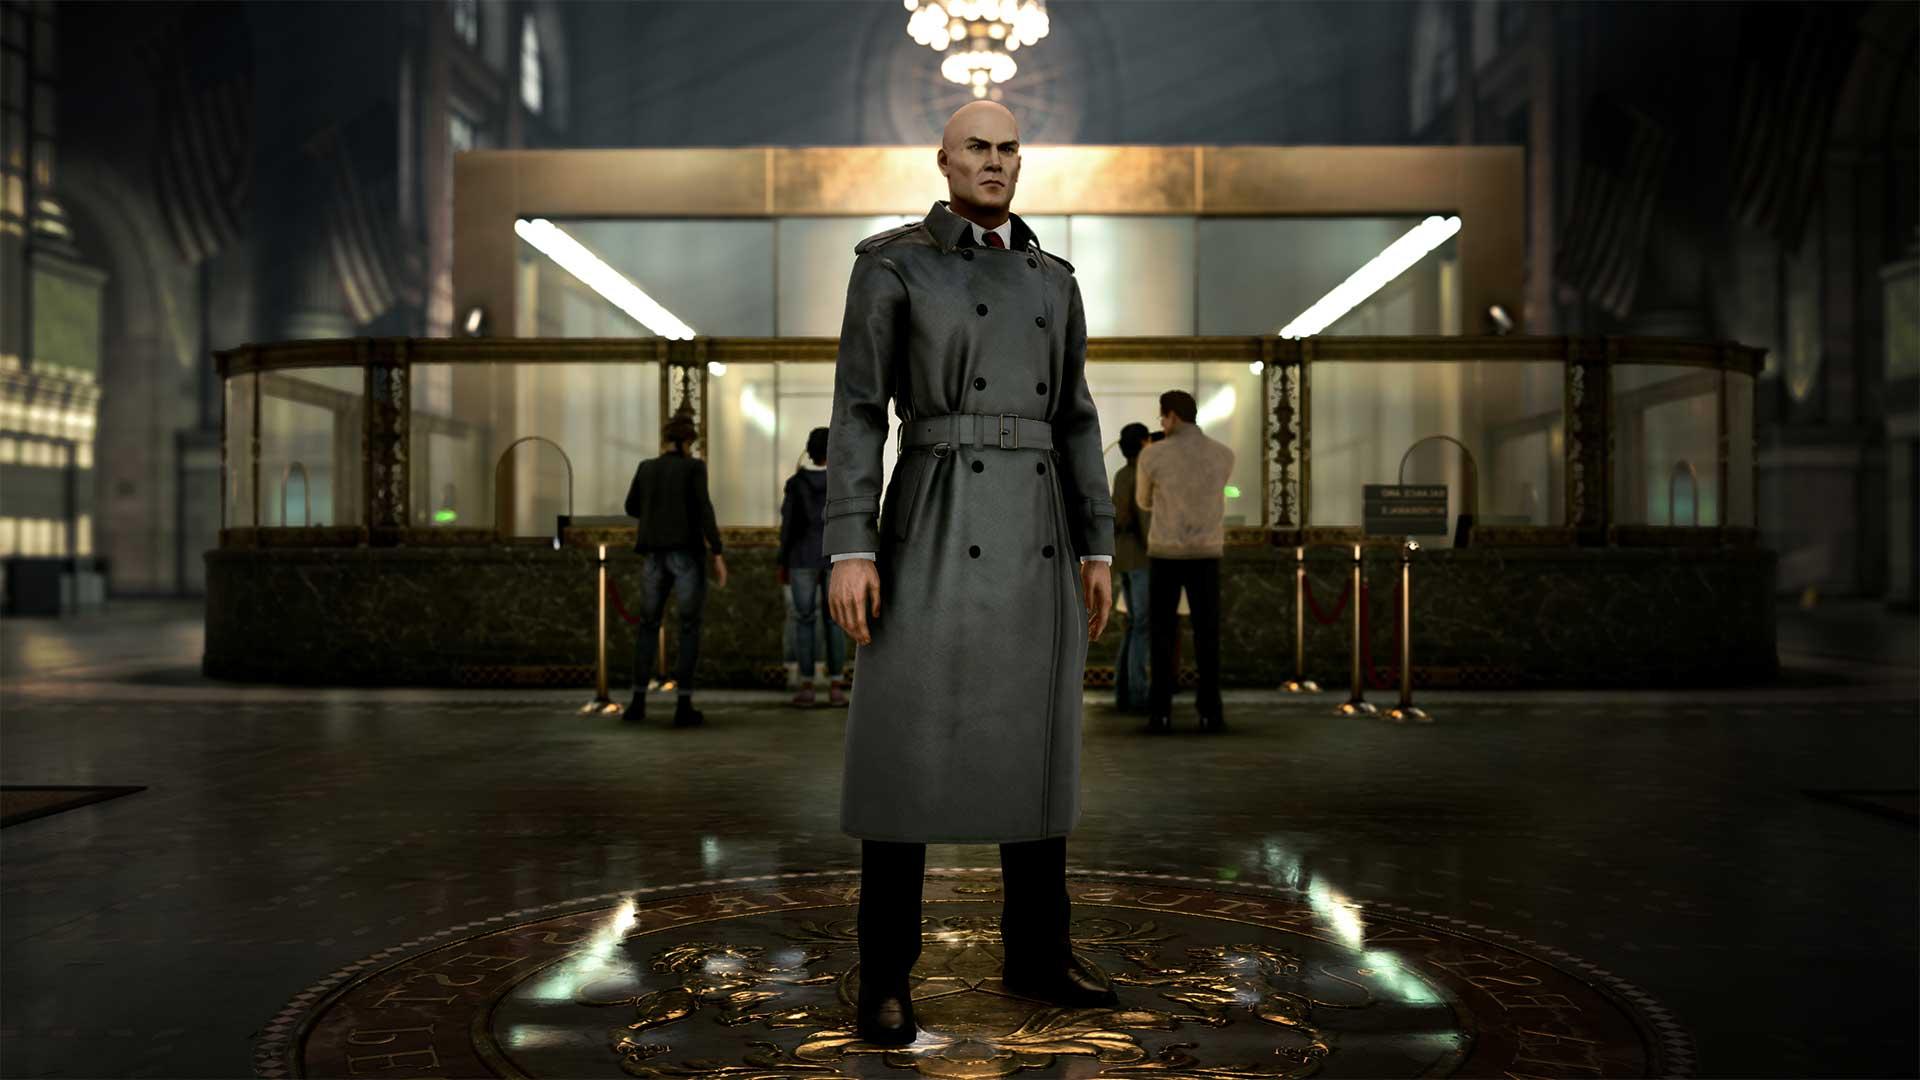 """У агента 47 есть и """"нормальные"""" человеческие качества."""